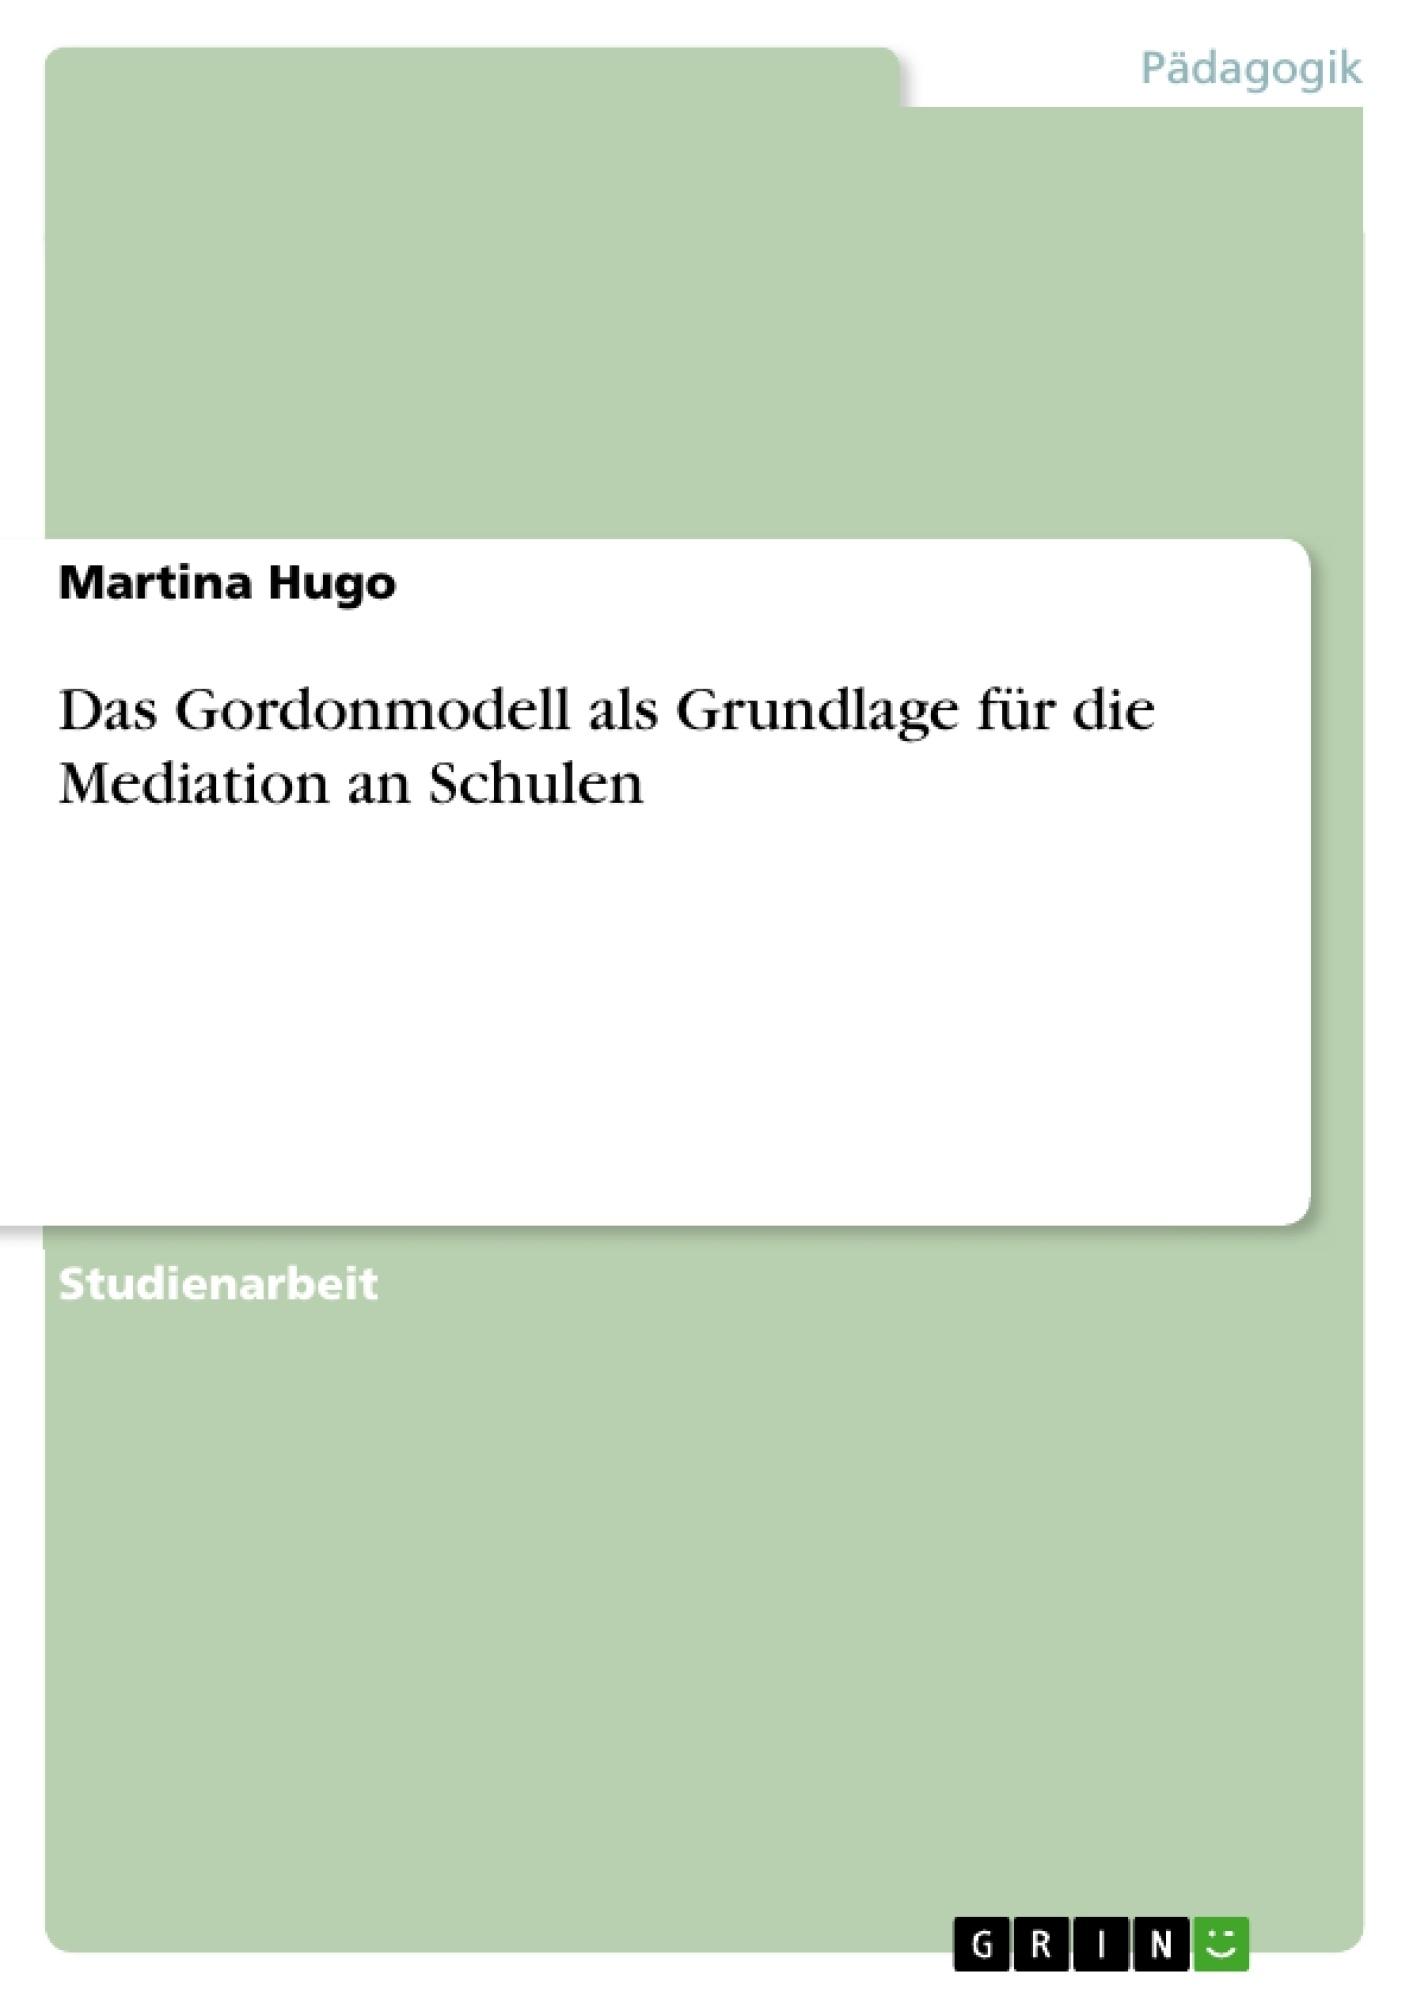 Titel: Das Gordonmodell als Grundlage für die Mediation an Schulen